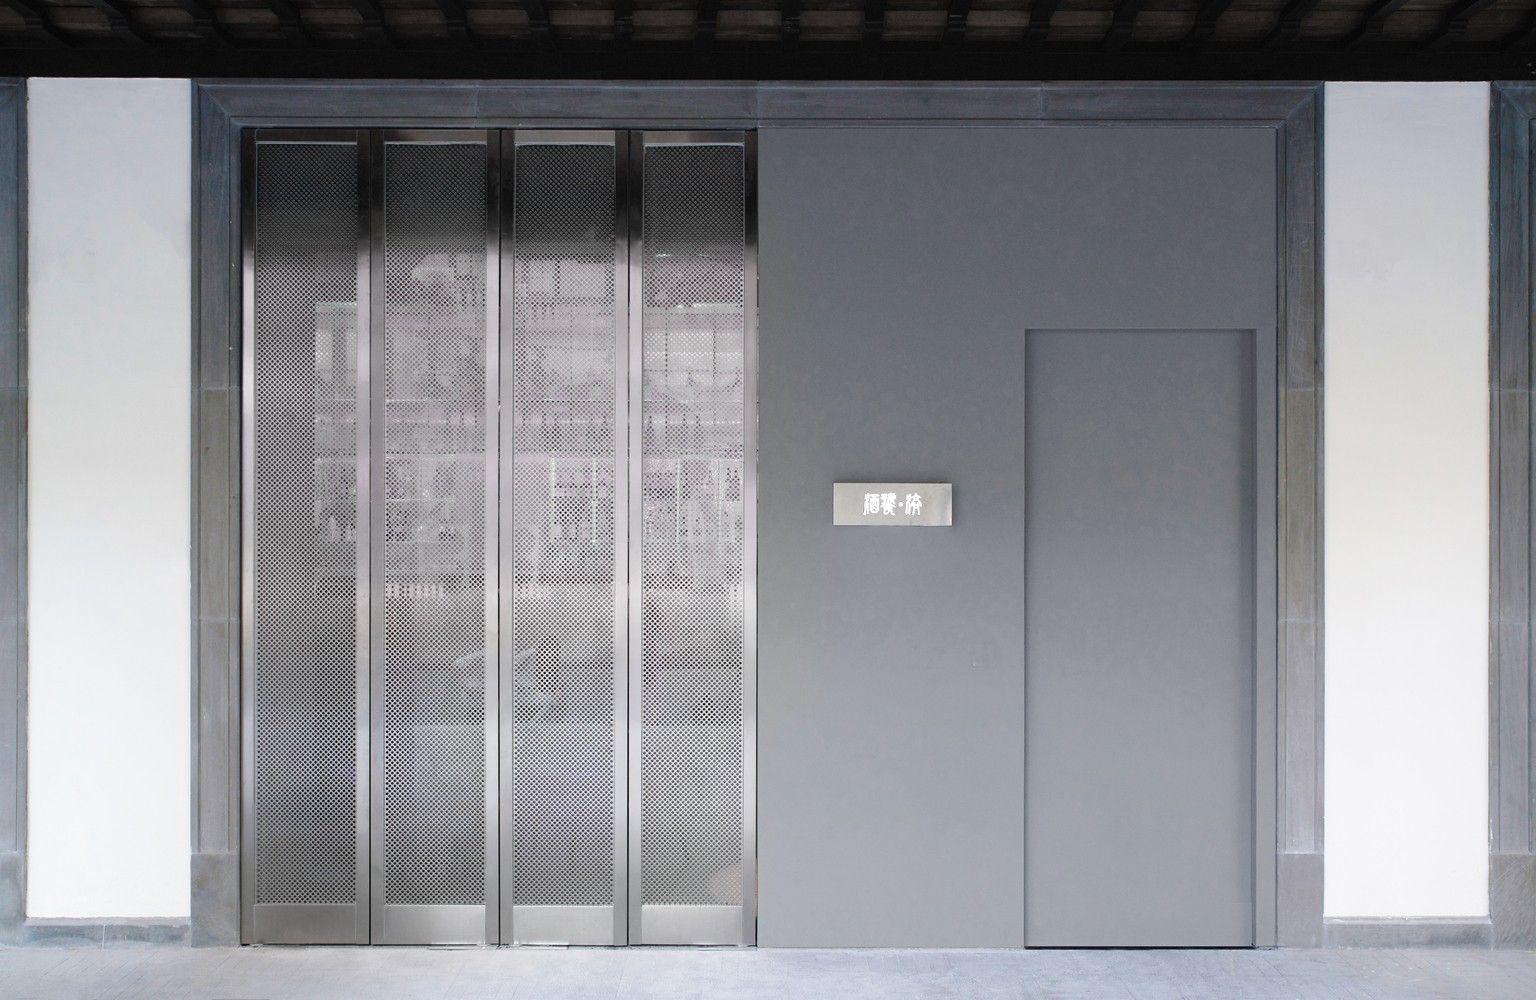 最新 | 斗西设计:酒饕-济 酒吧|刘永鹏 - 9